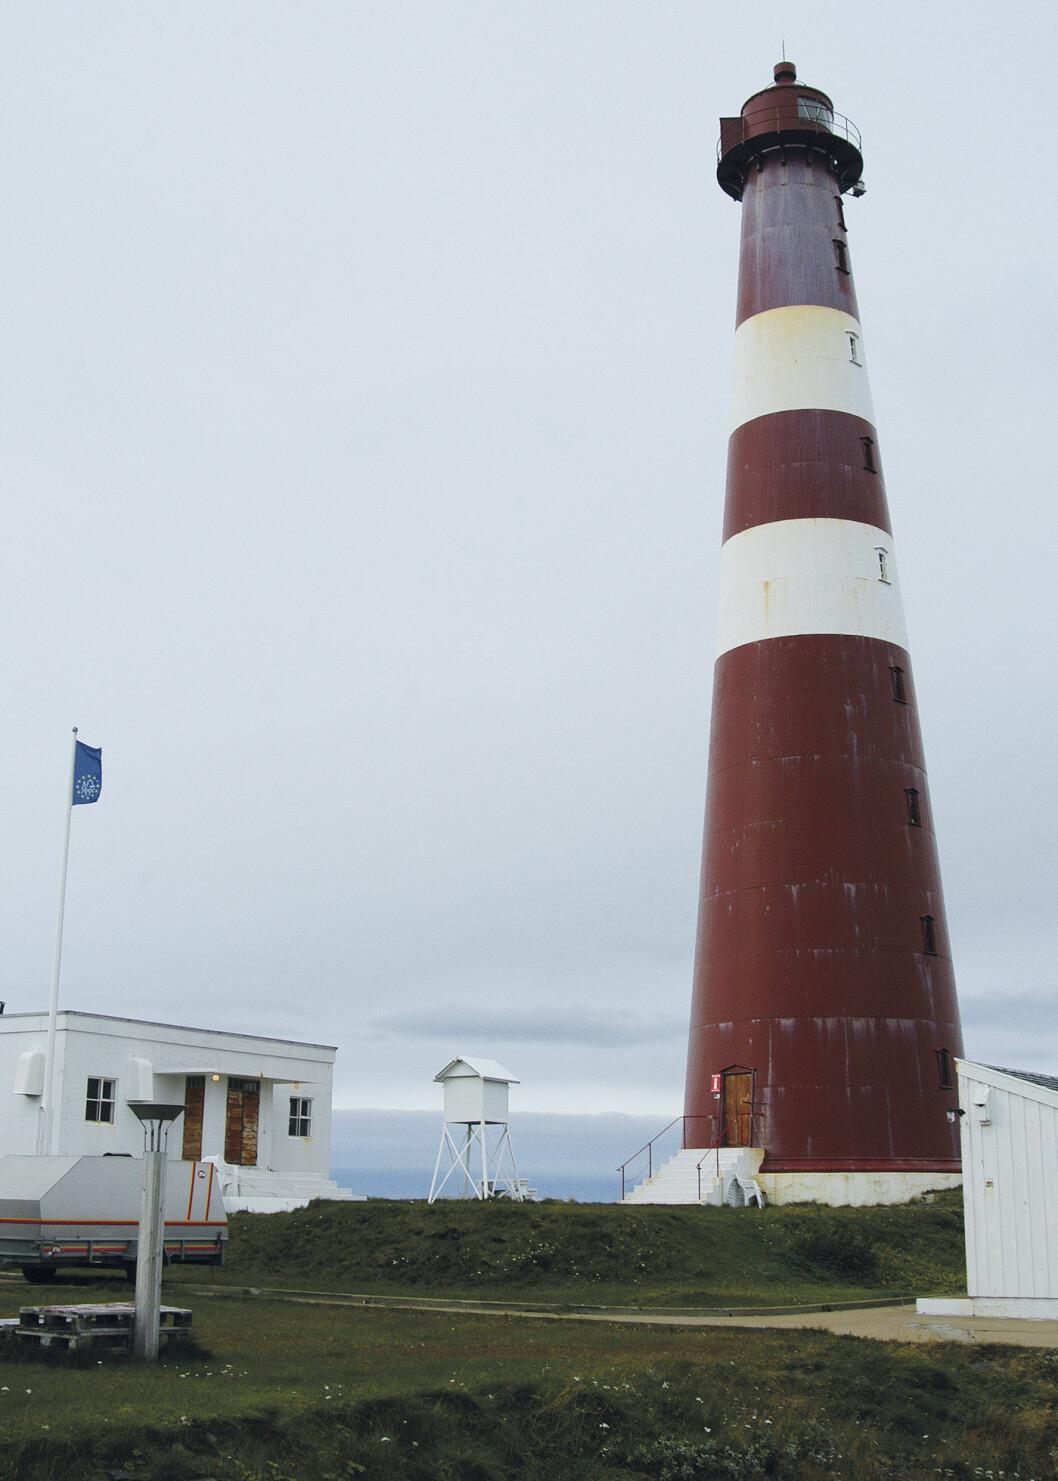 PÅ TOPP I NORD: Slettnes fyr var bemannet til 2005 og var da klodens nordligste fyrstasjon. Foto: Per Roger Lauritzen